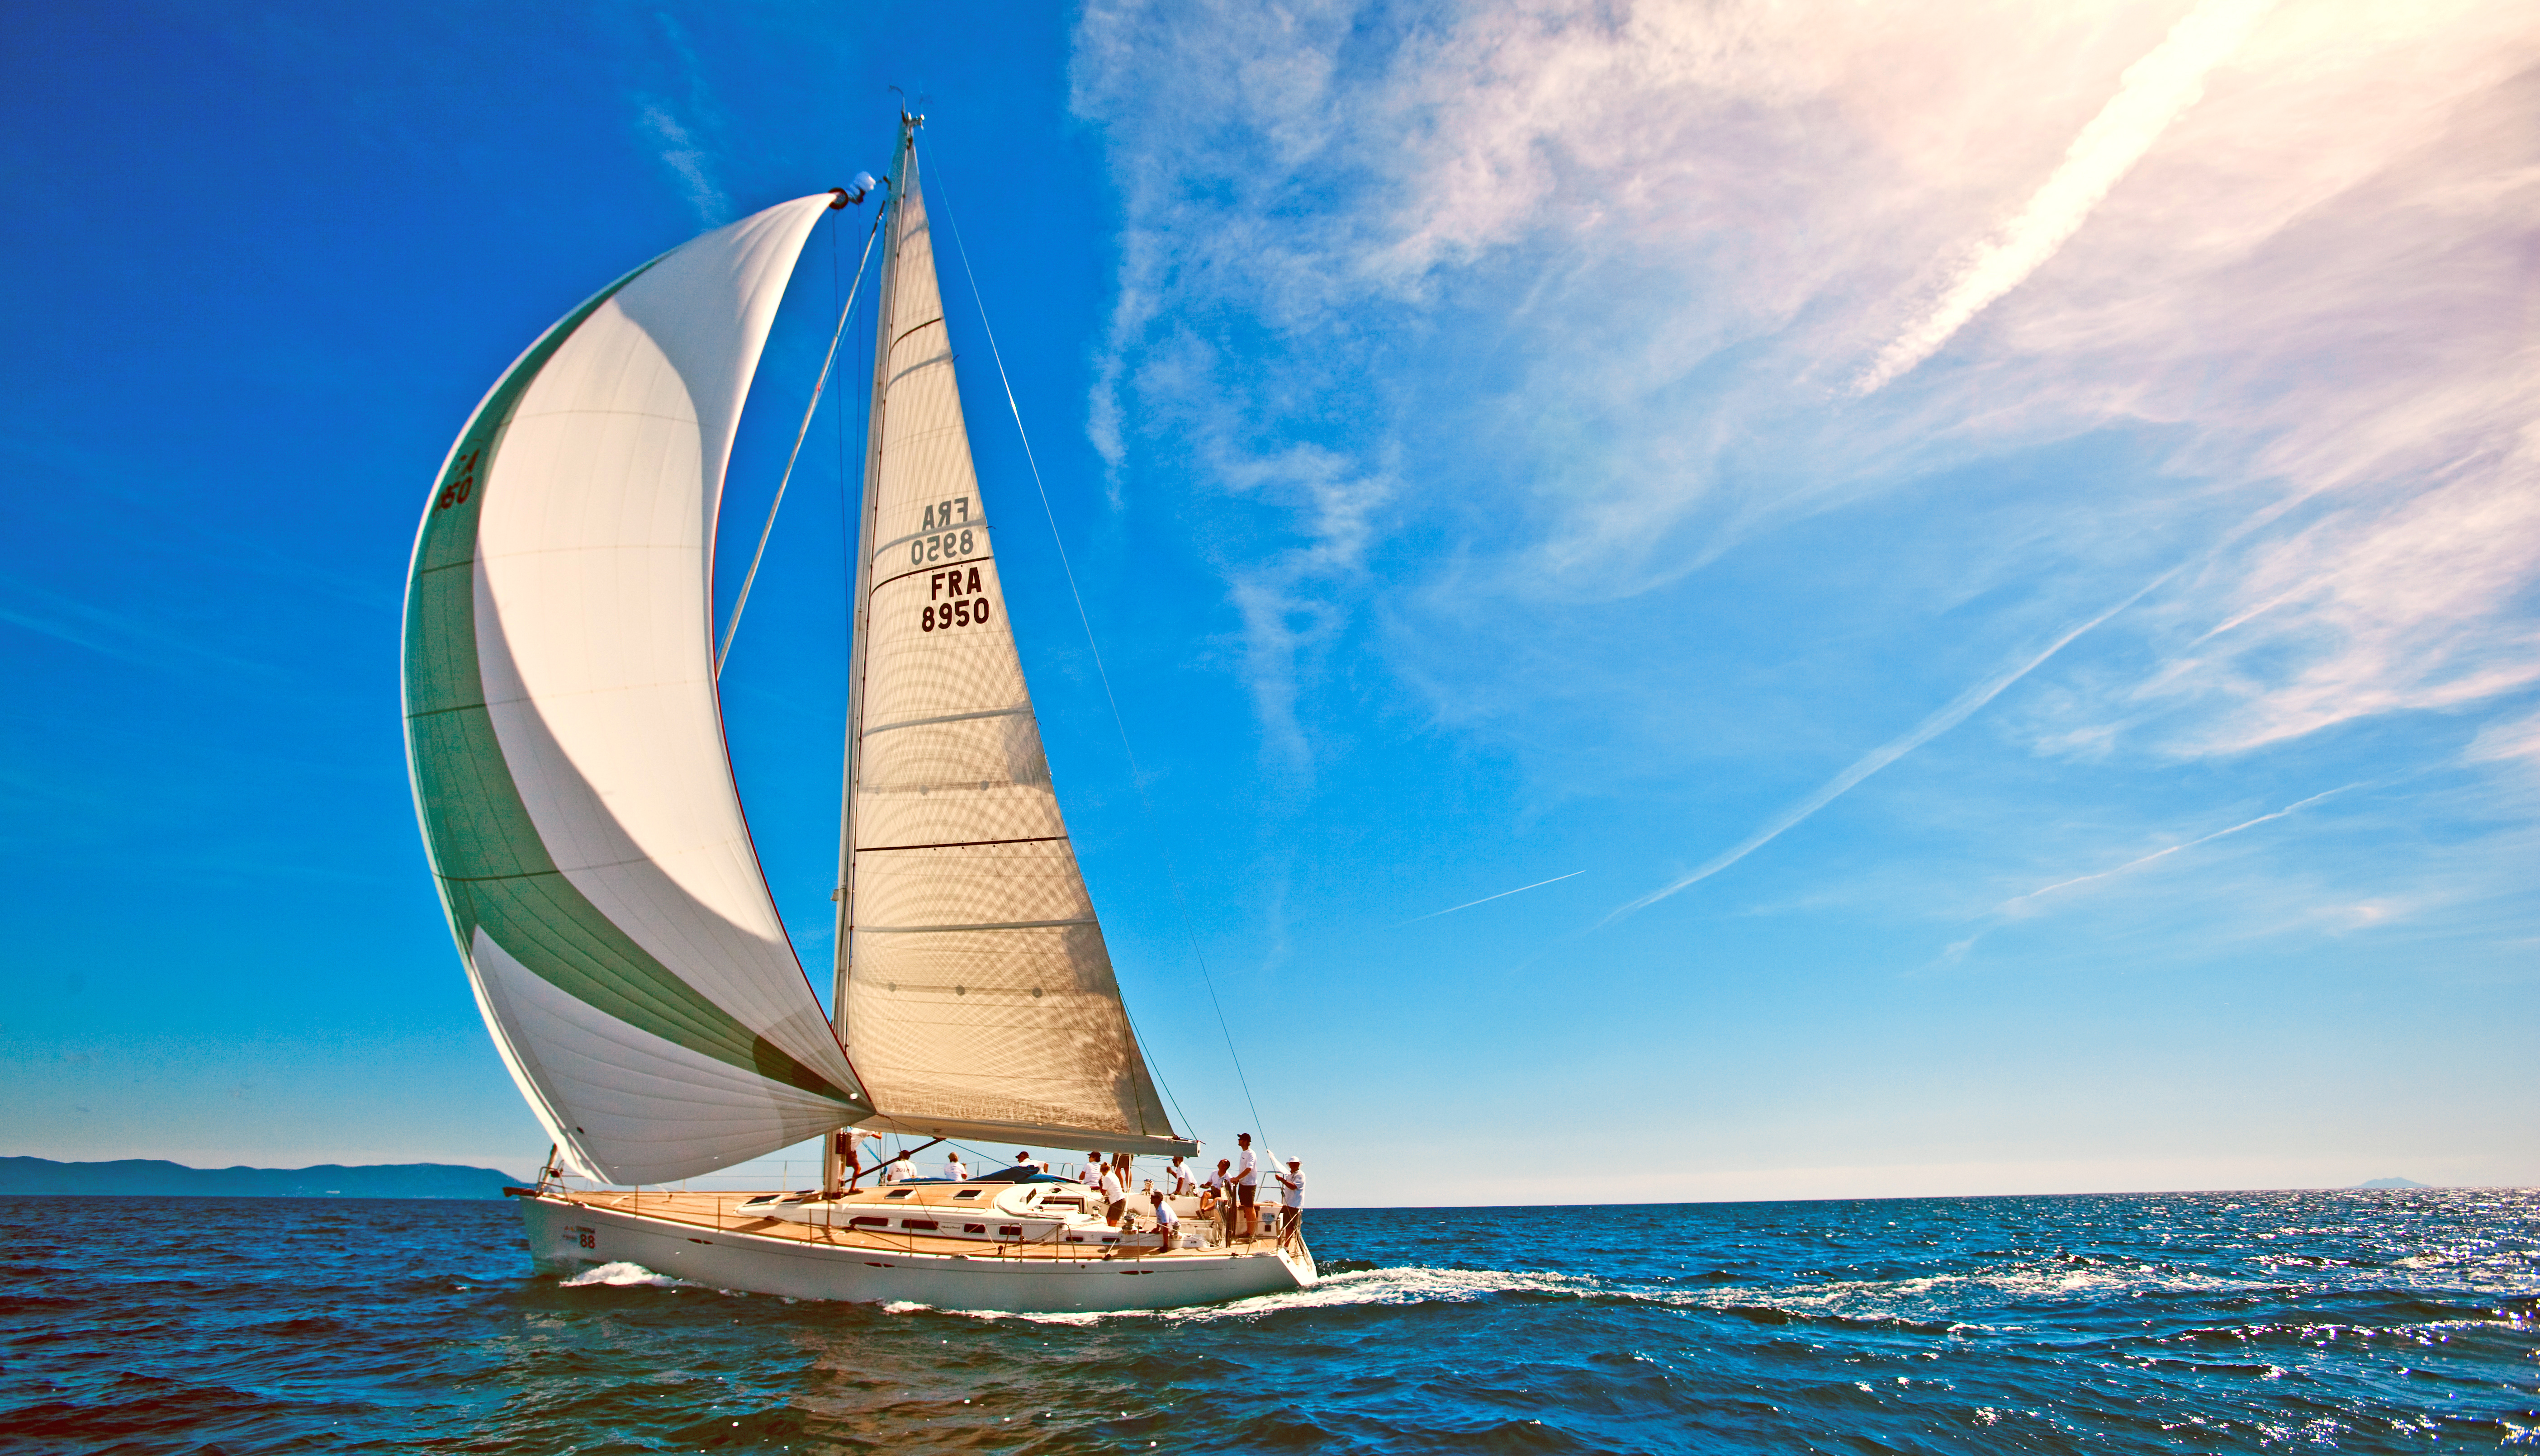 открытое море с яхтами скачать